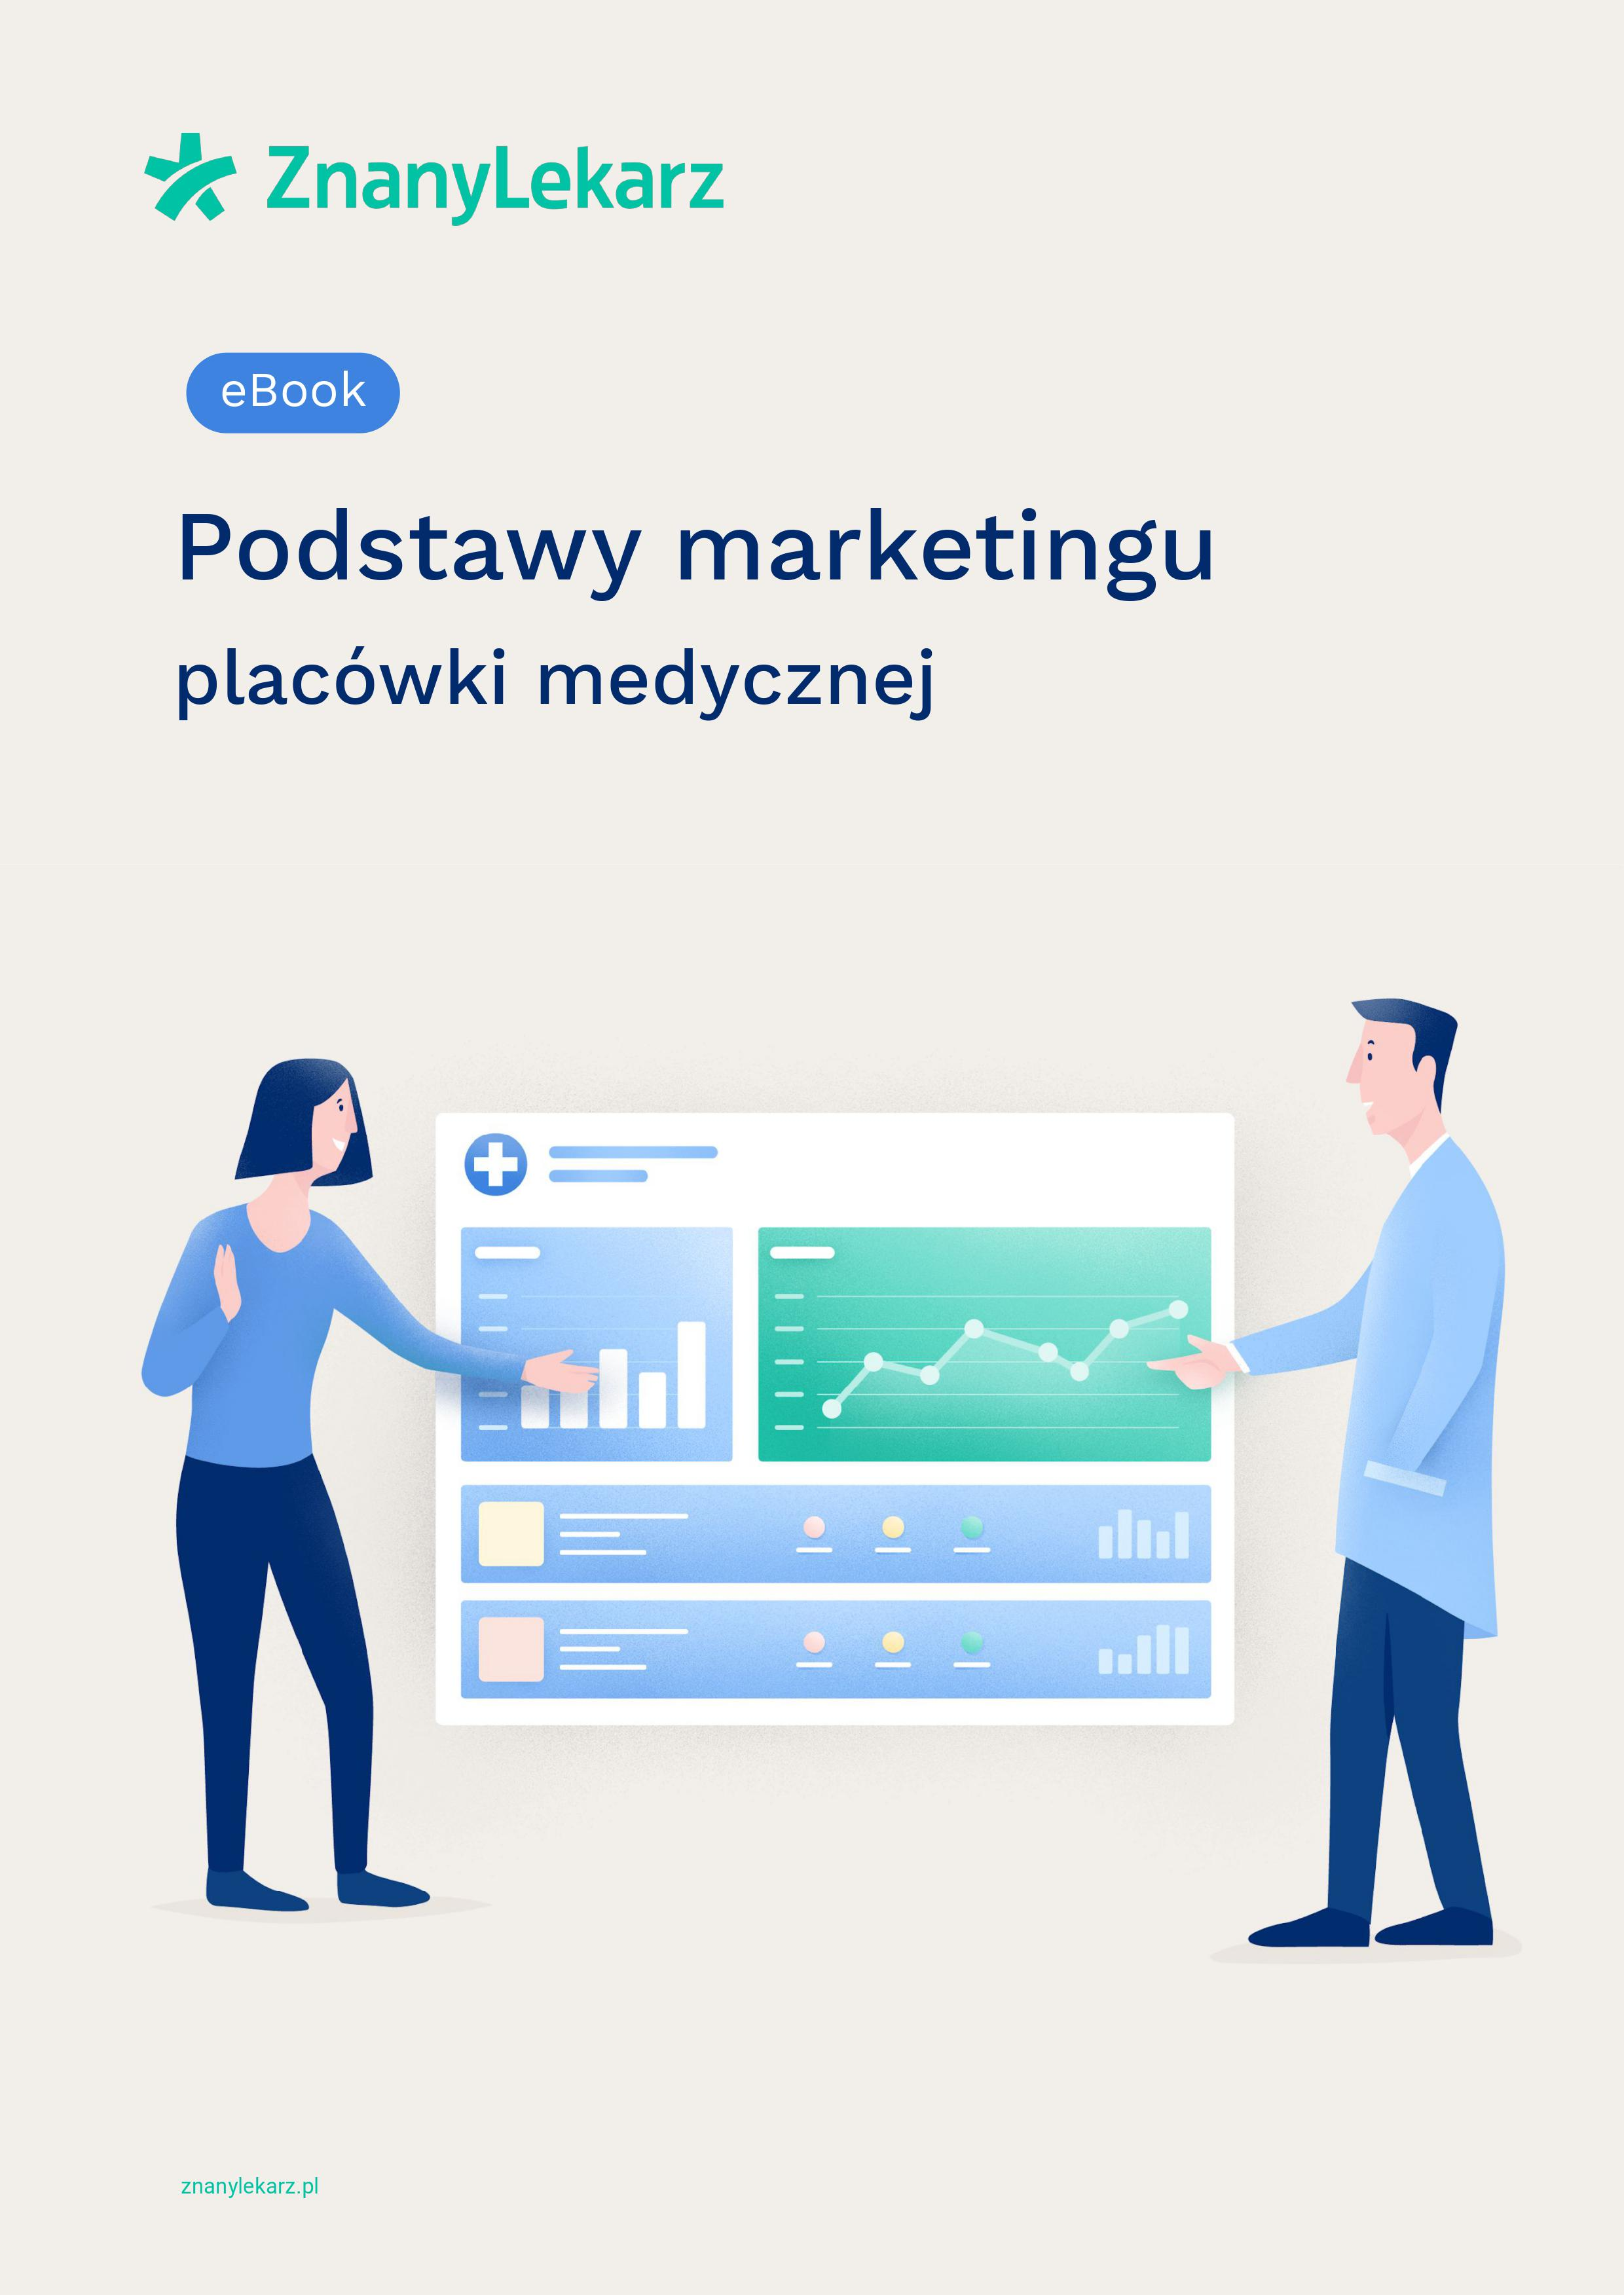 Ebook - Podstawy marketingu placówki medycznej